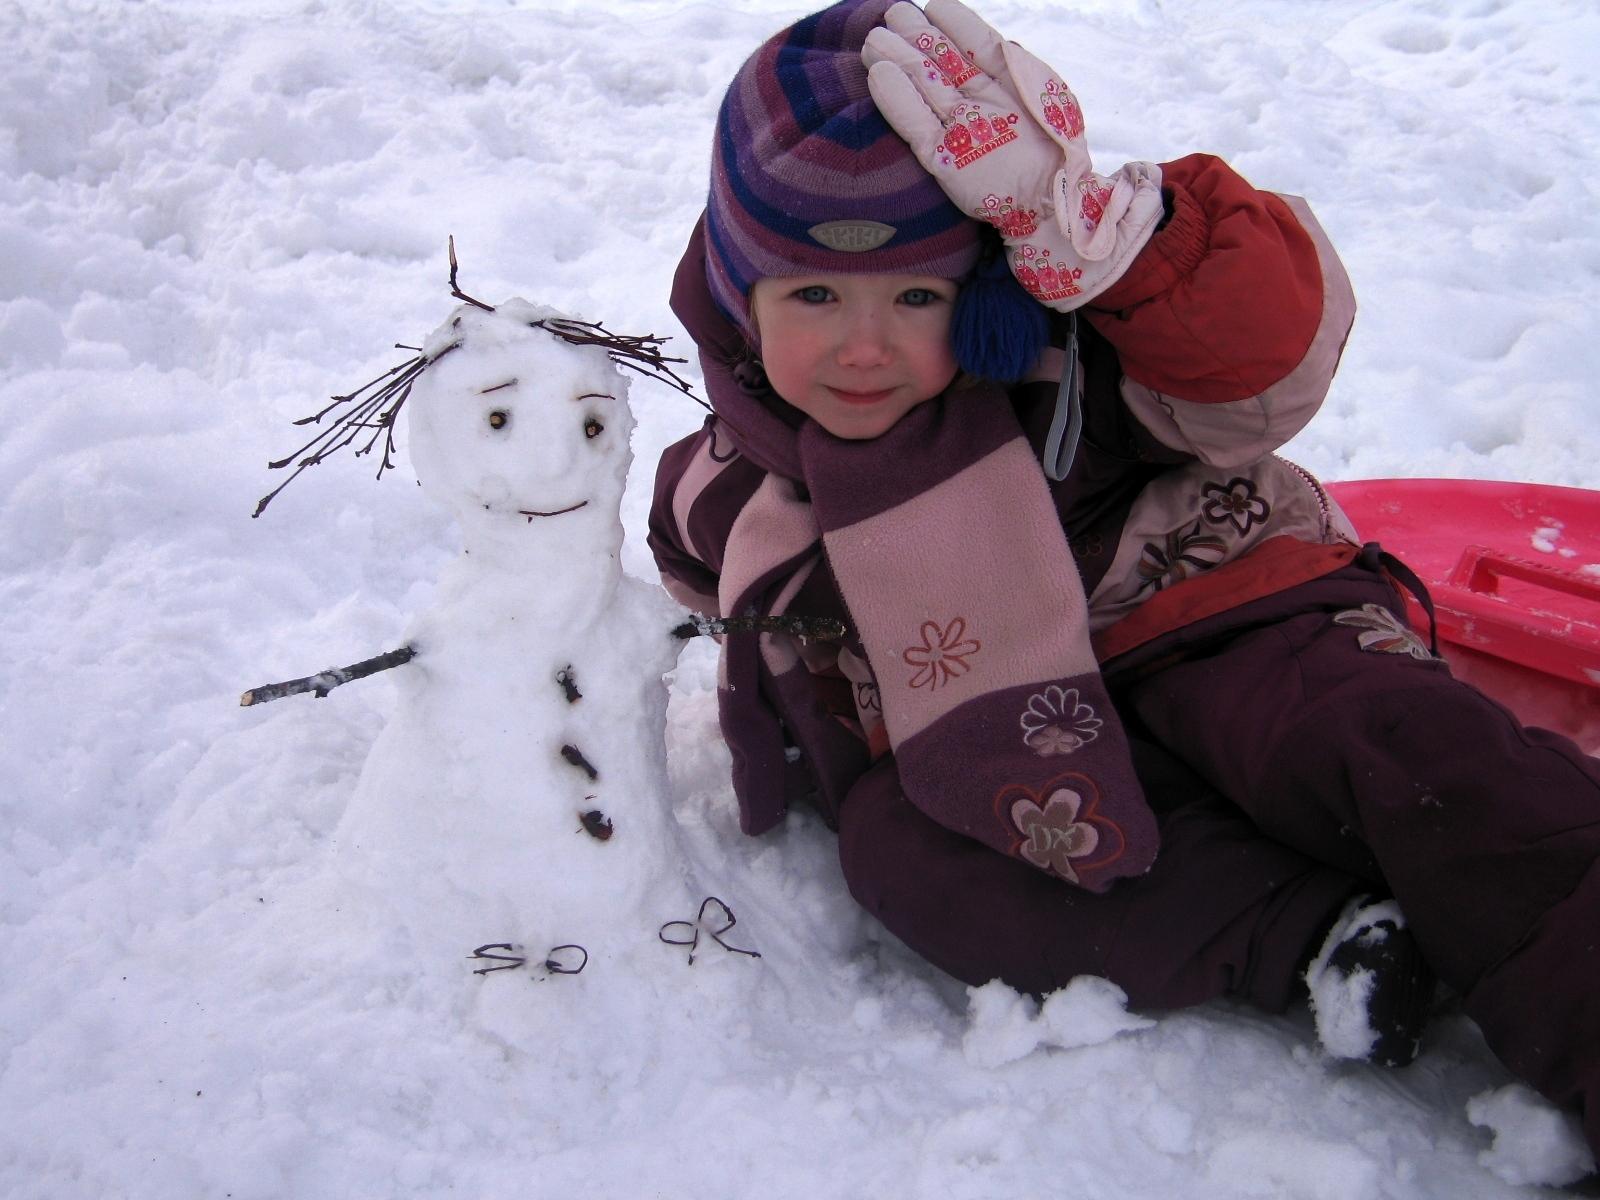 С маленькой снежной подружкой. Блиц: фигуры из снега и льда